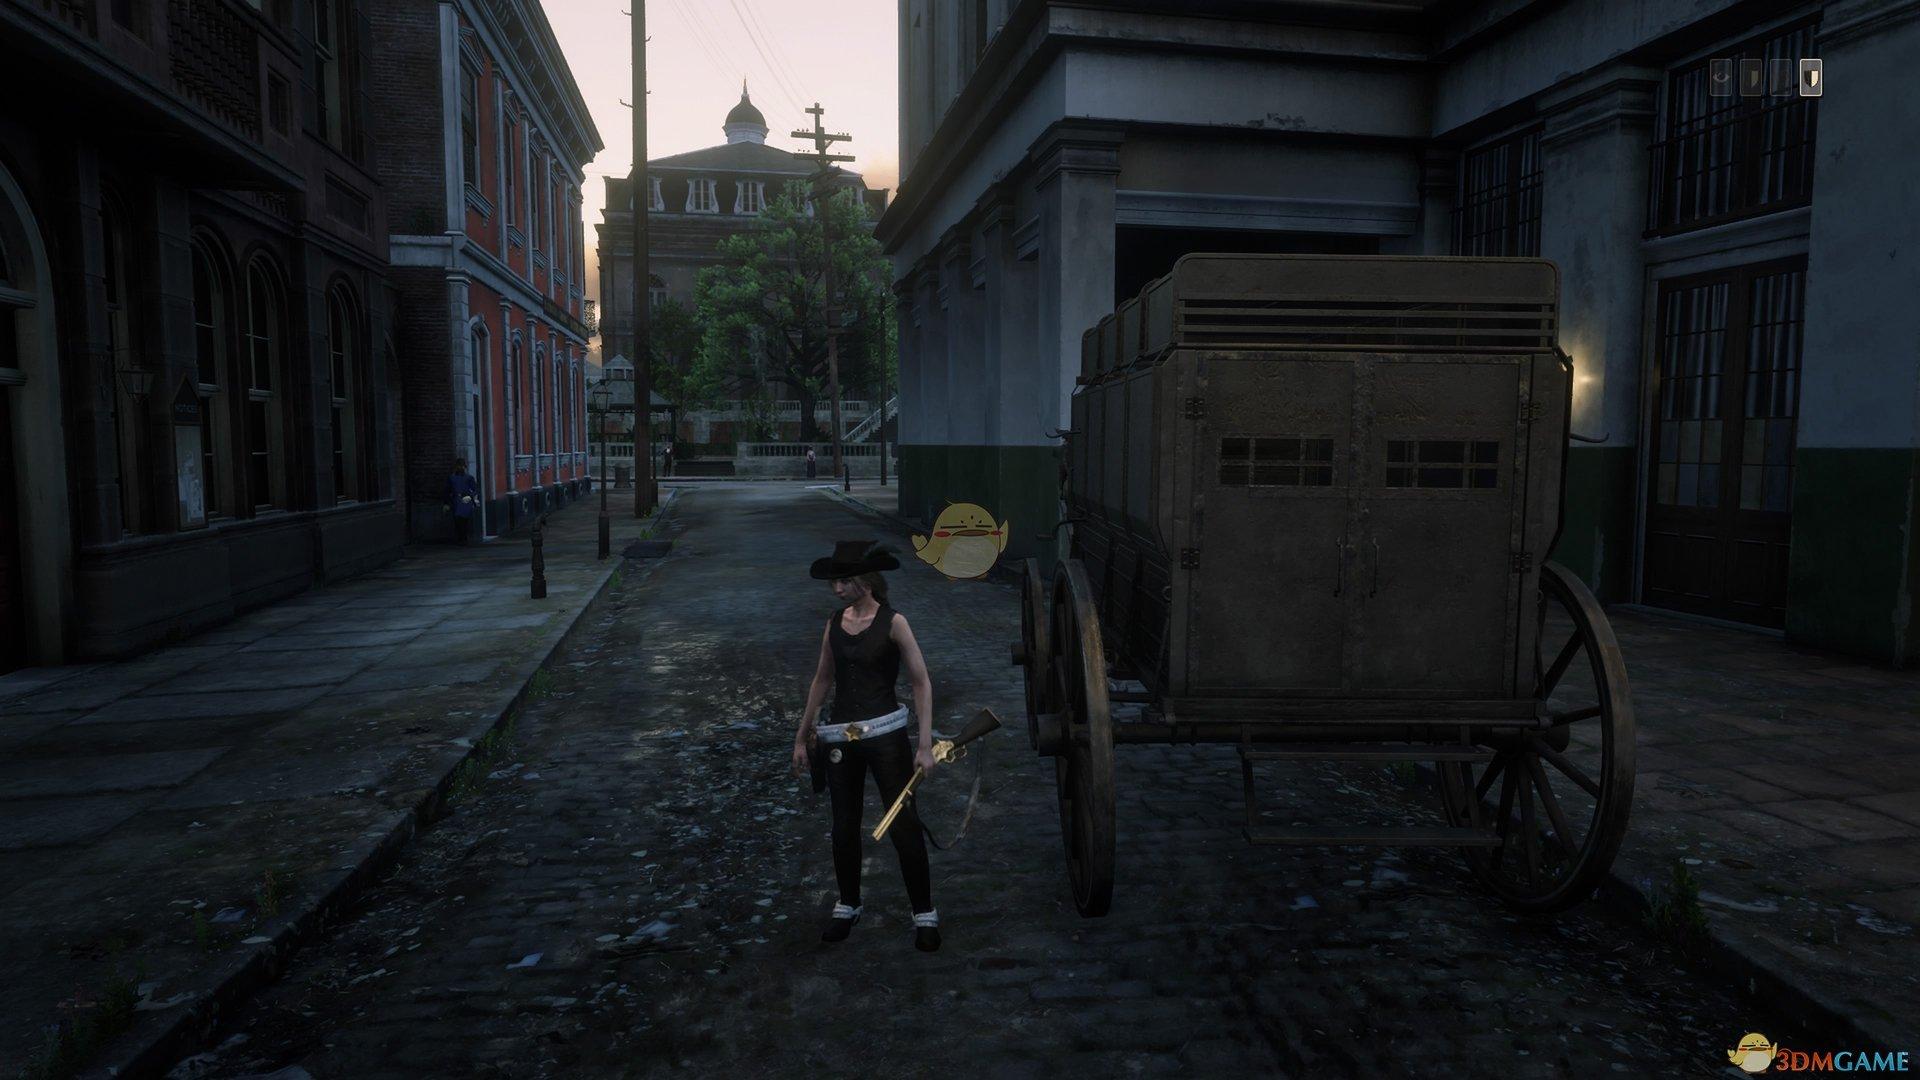 《荒野大镖客2》游玩前注意事项一览